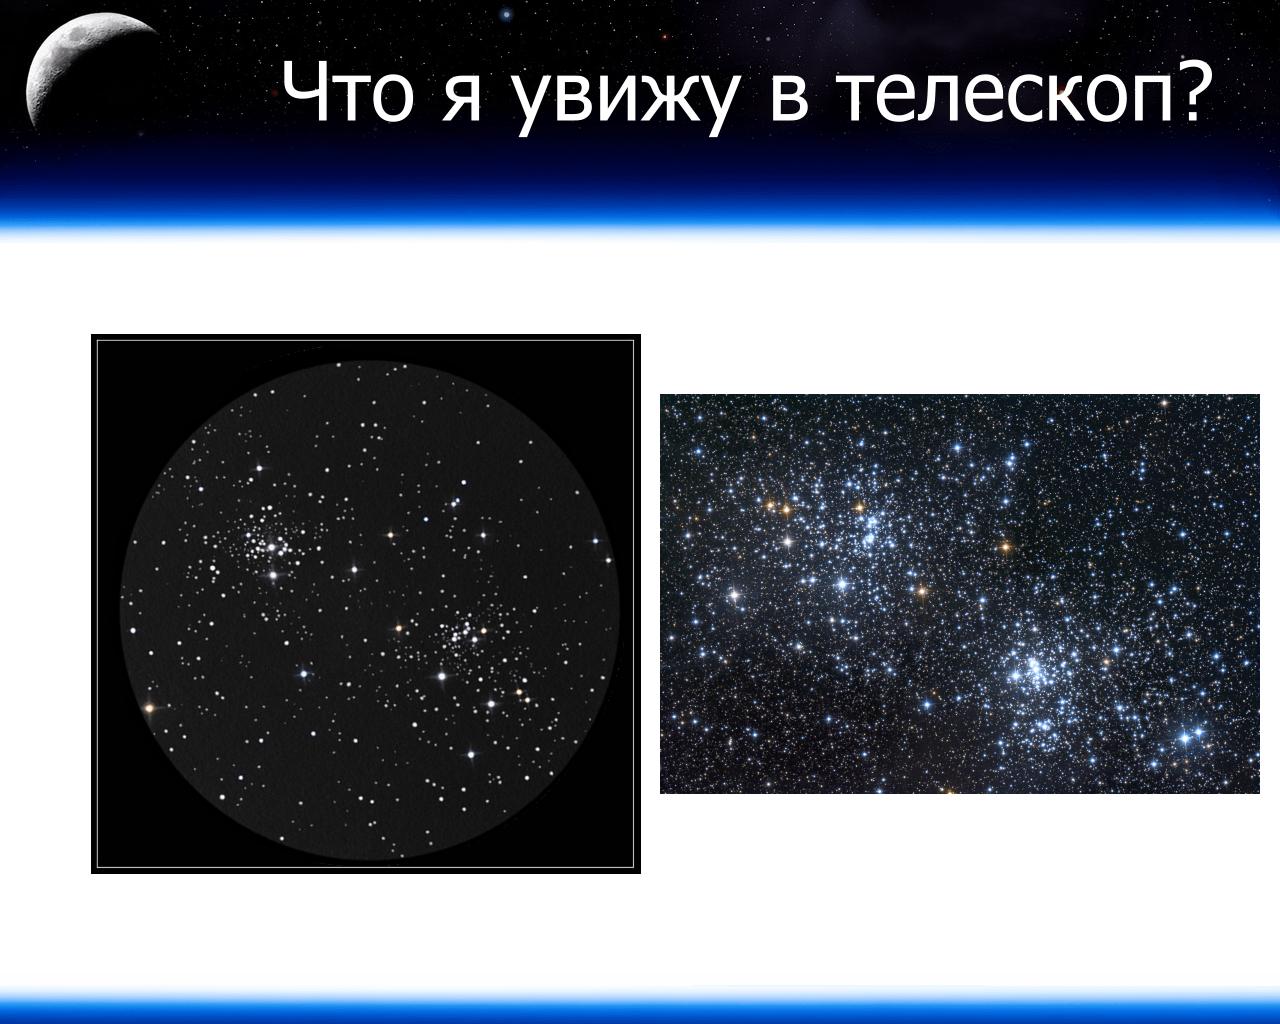 Оптический телескоп — википедия. что такое оптический телескоп